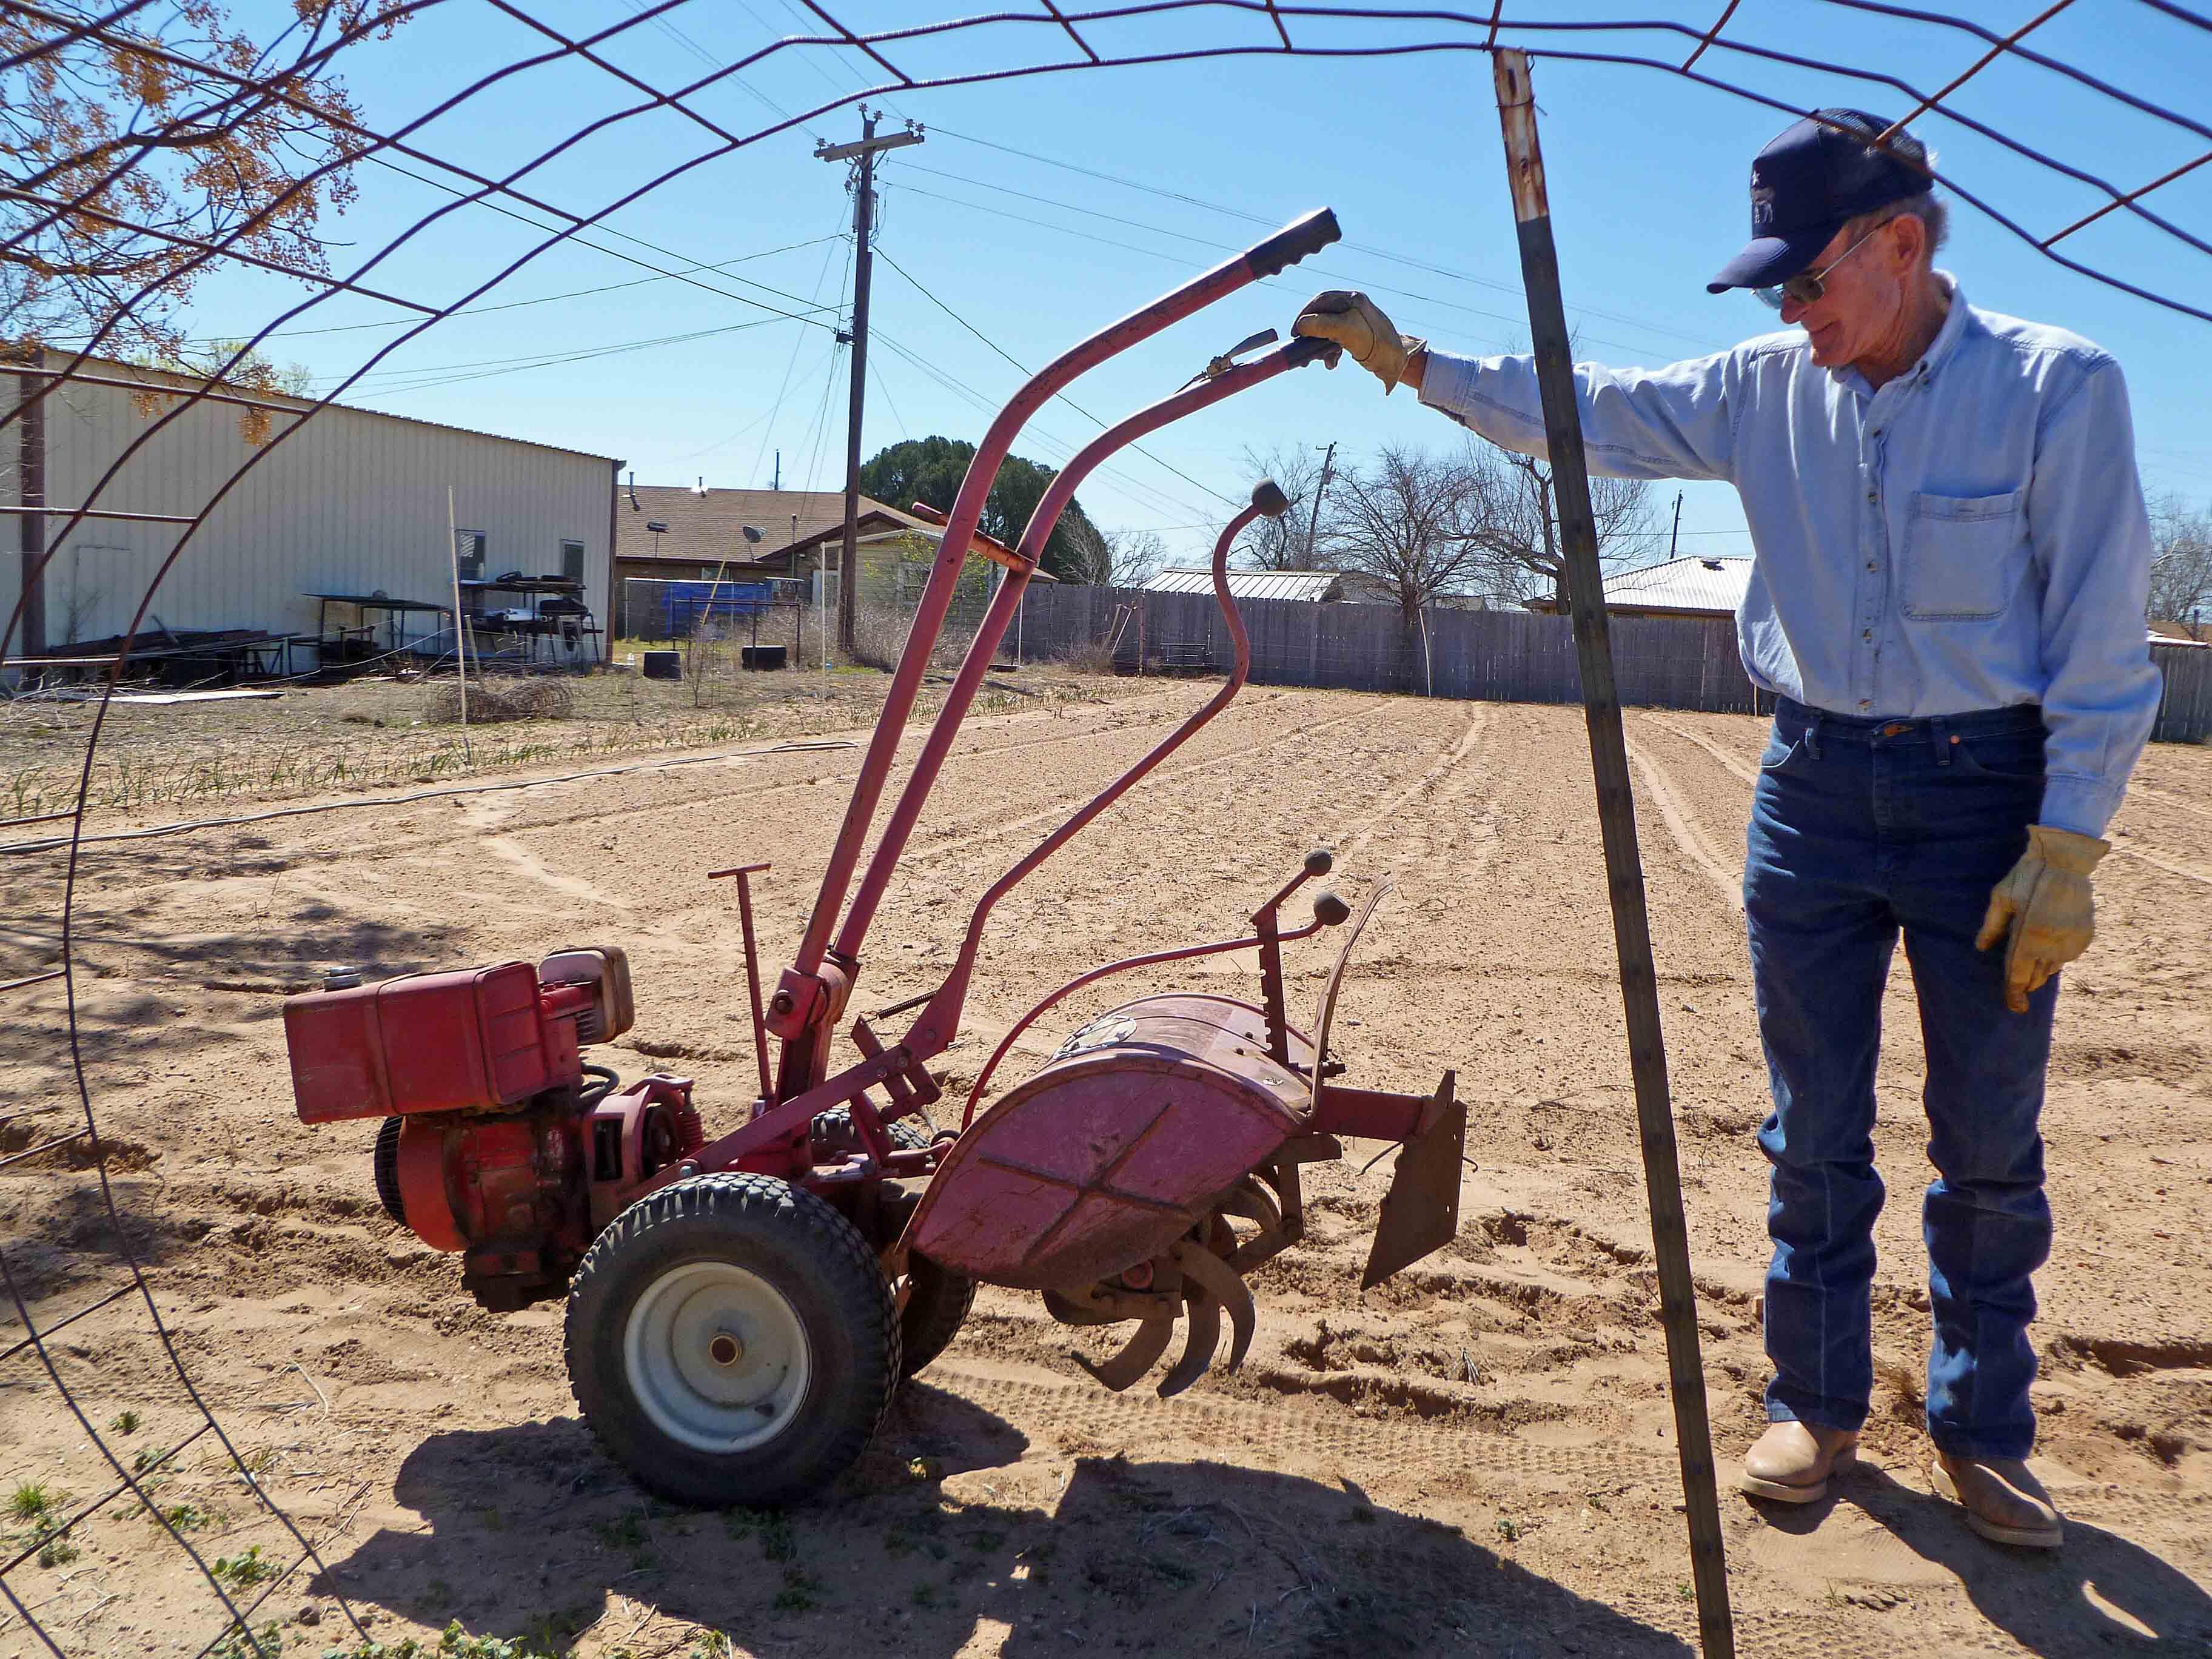 Tiller Plow Attachment Raymond With Tiller Attachment